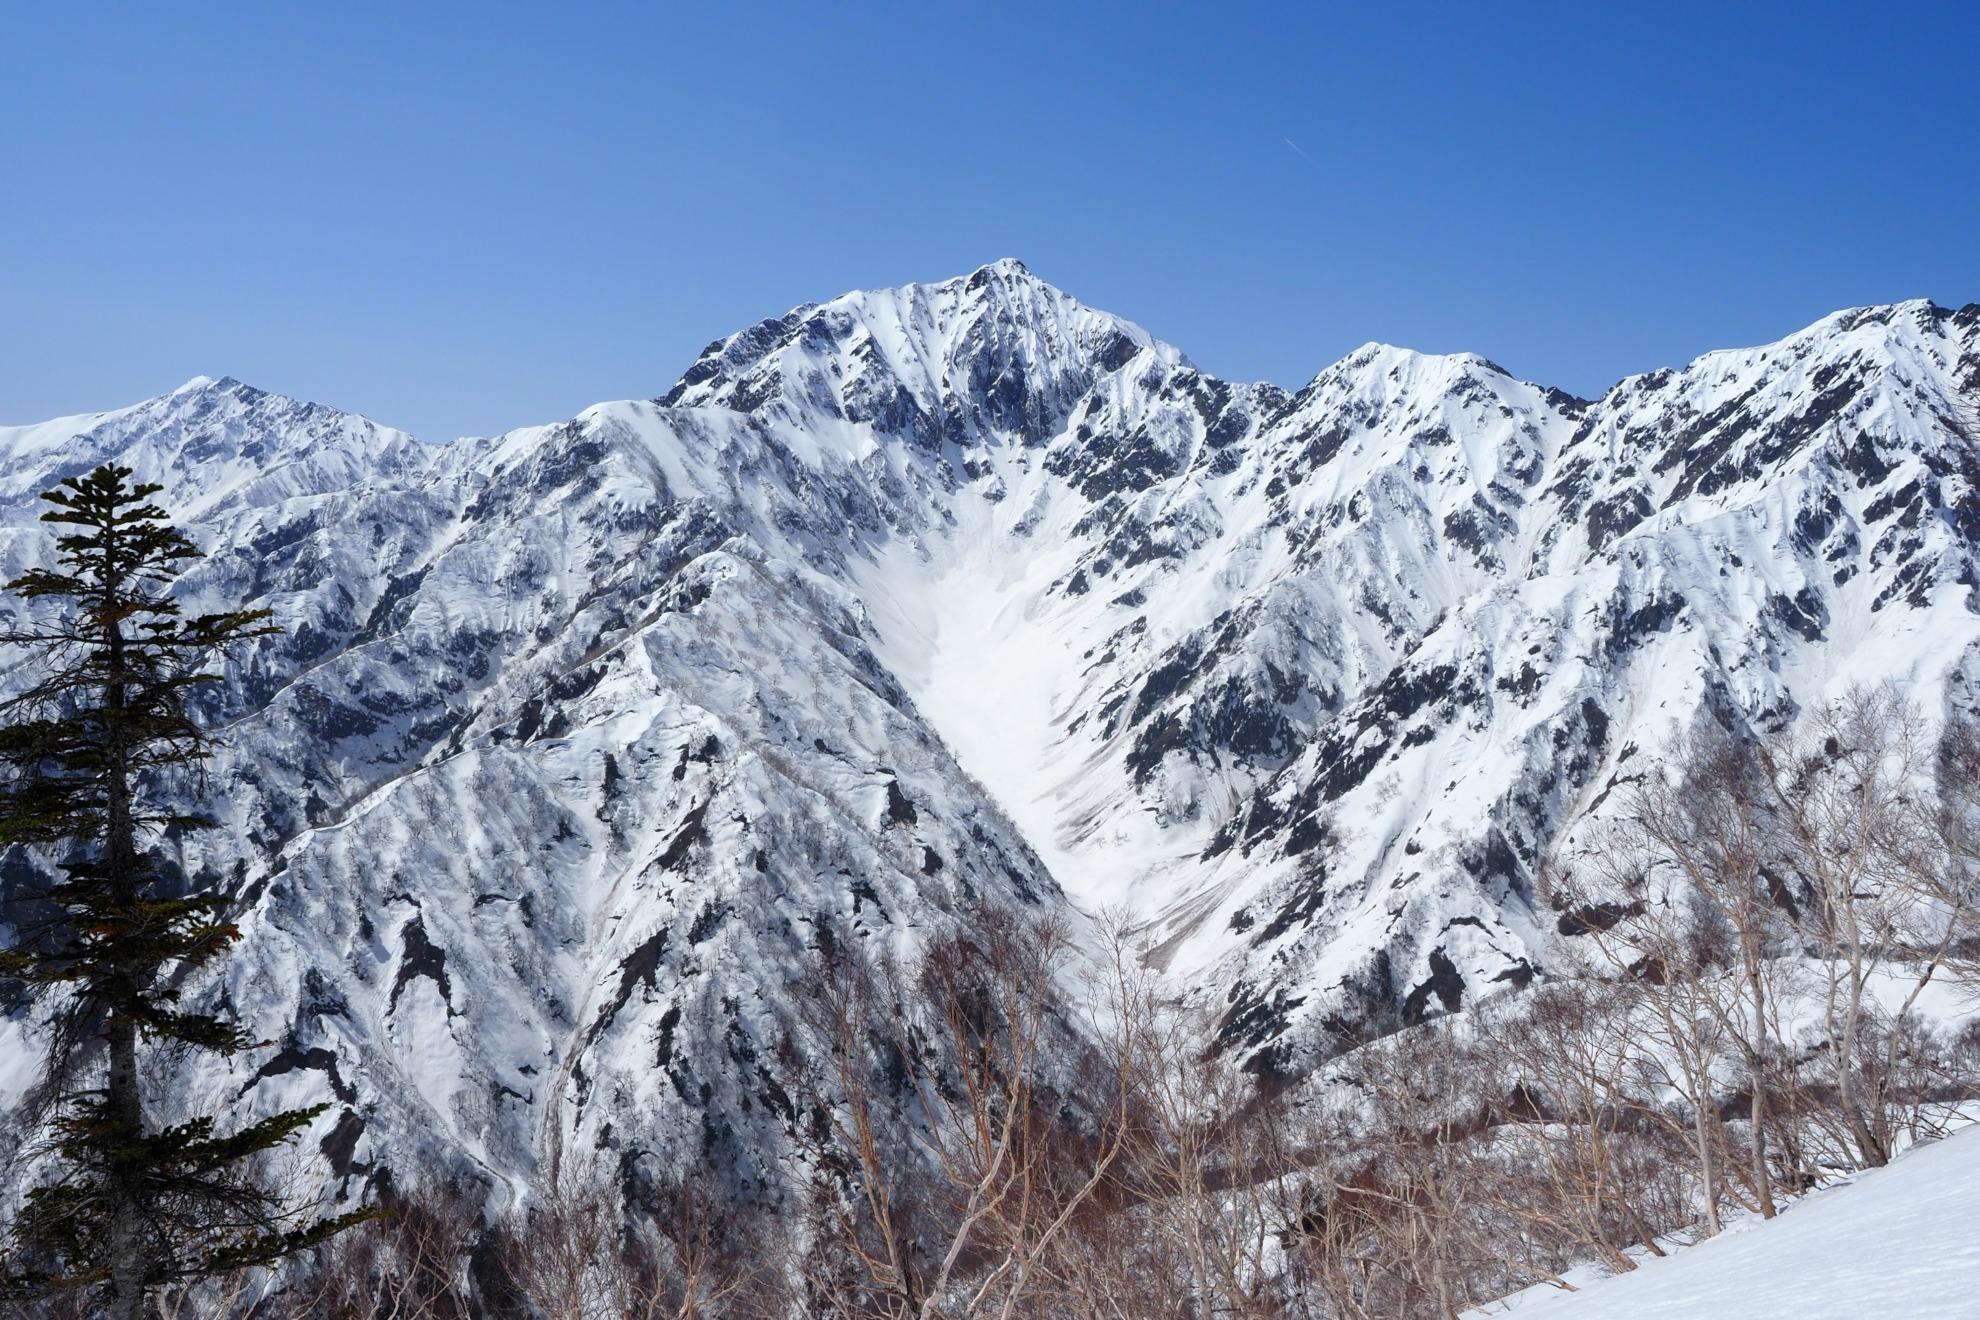 雪の鹿島槍ヶ岳とカクネ里雪渓